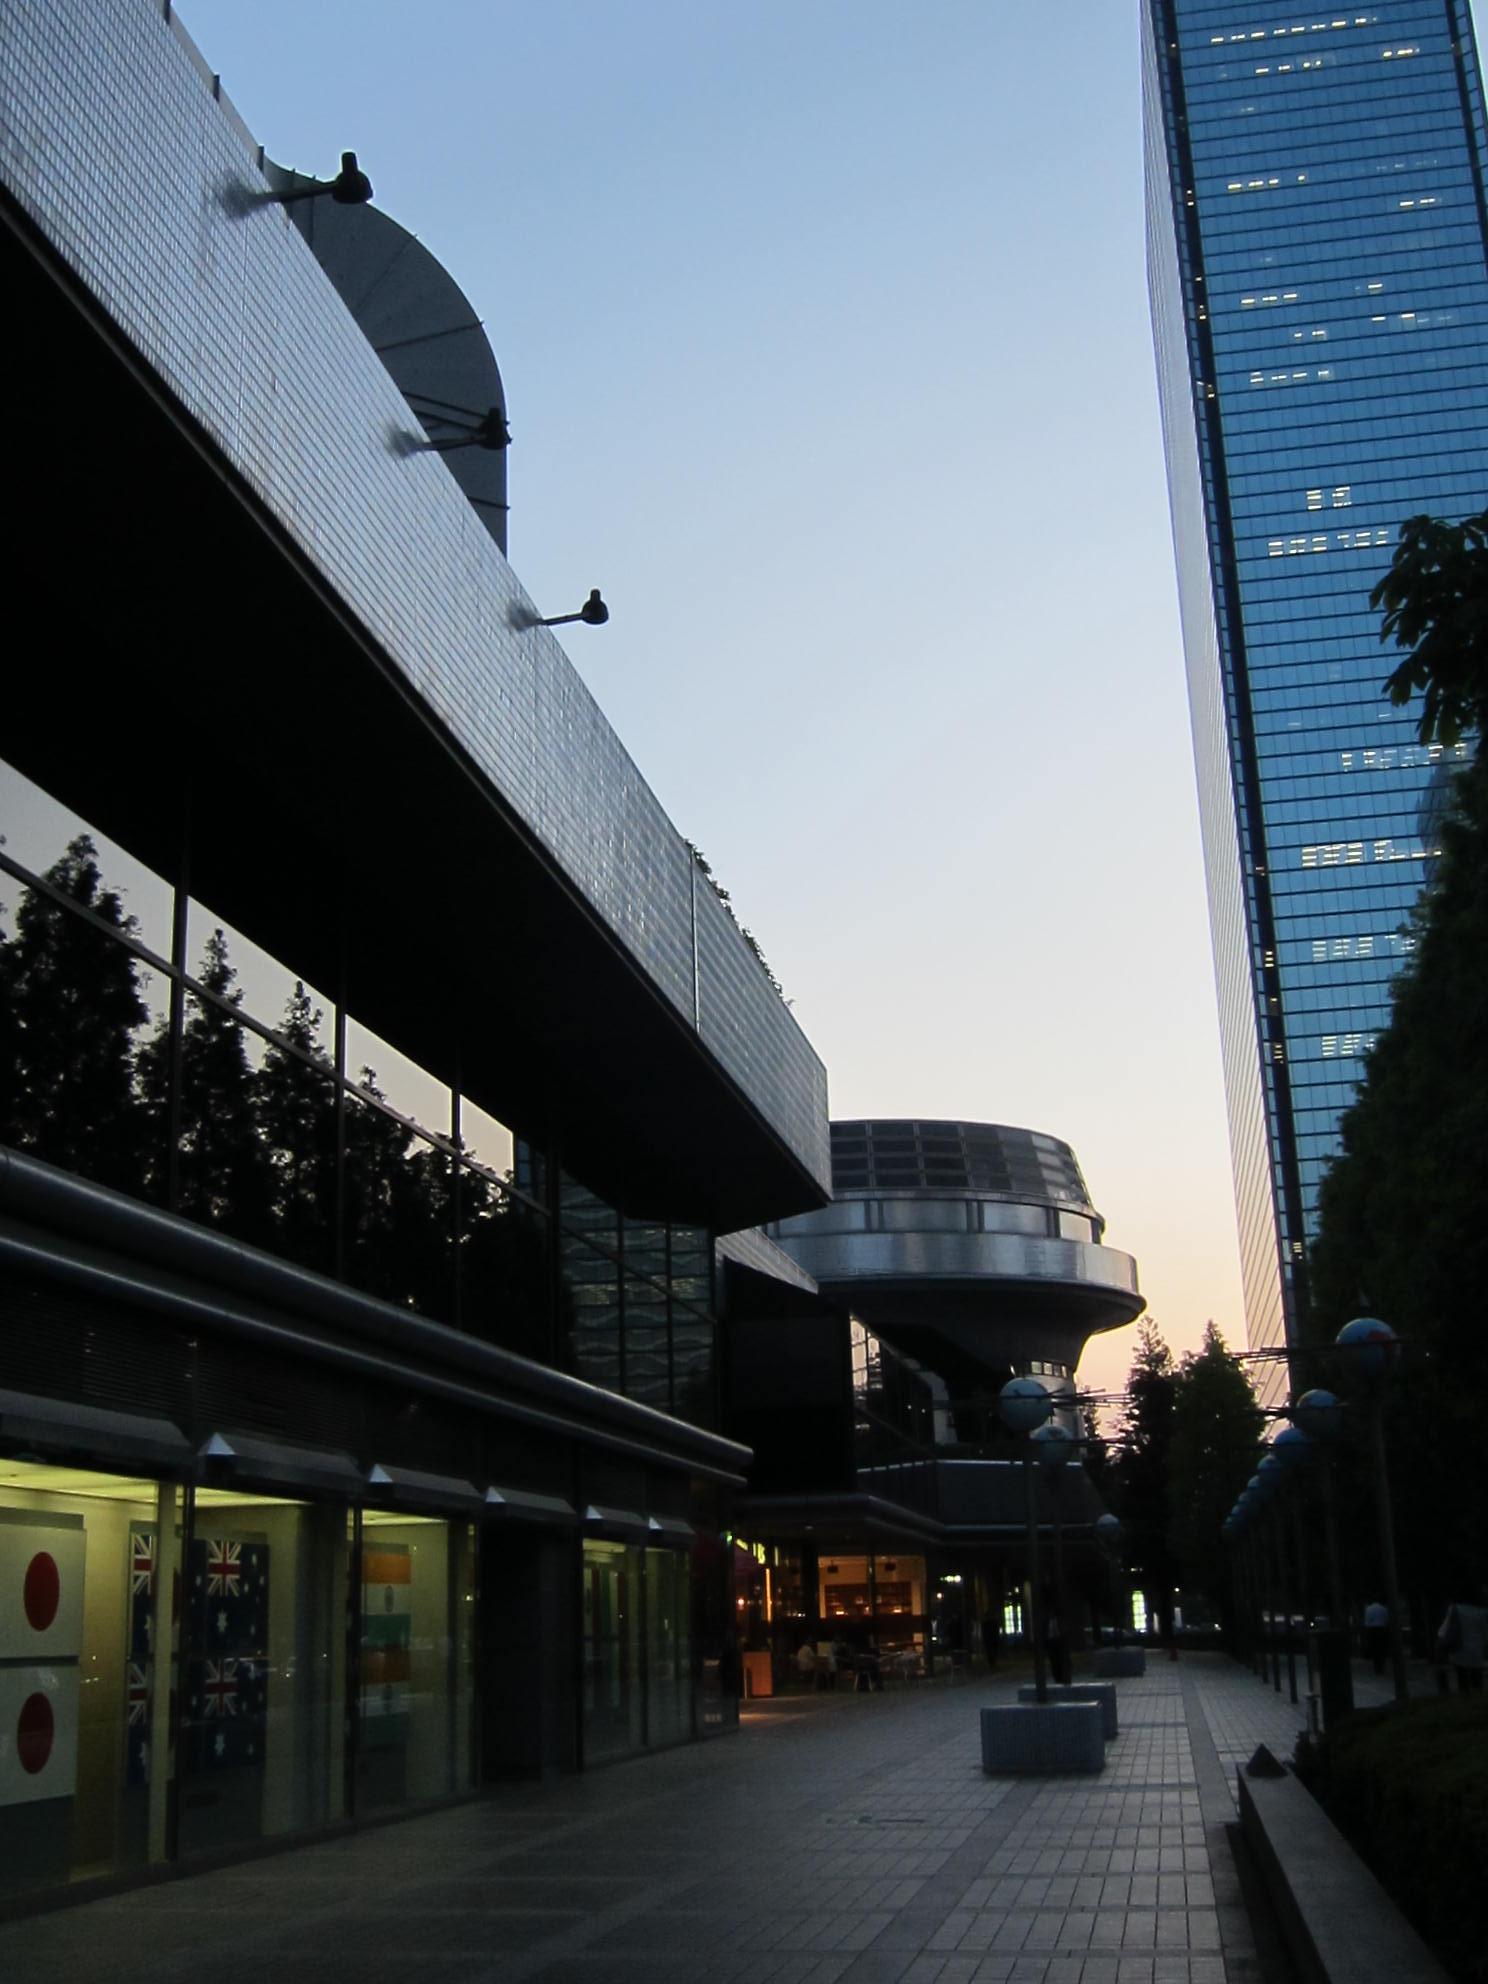 マクドナルド アイ・エム・ピービル店